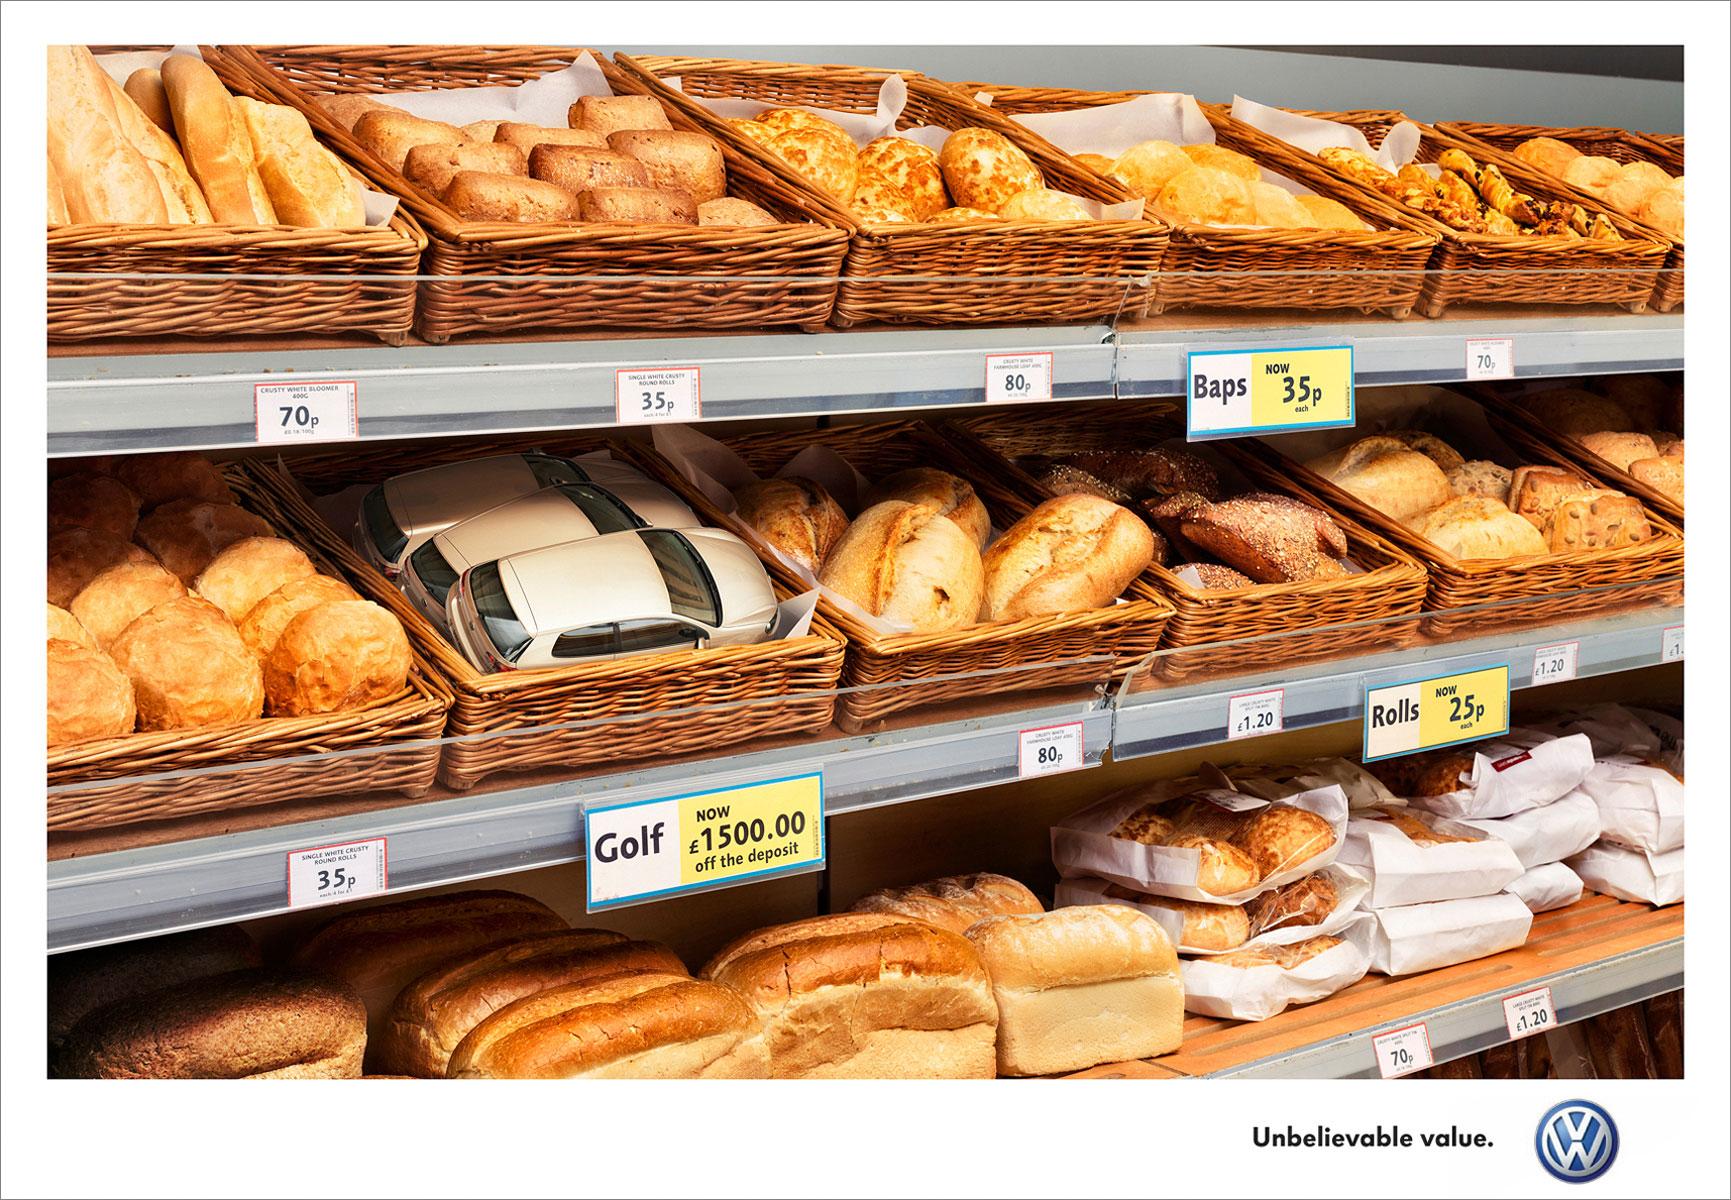 VW_Bread.jpg